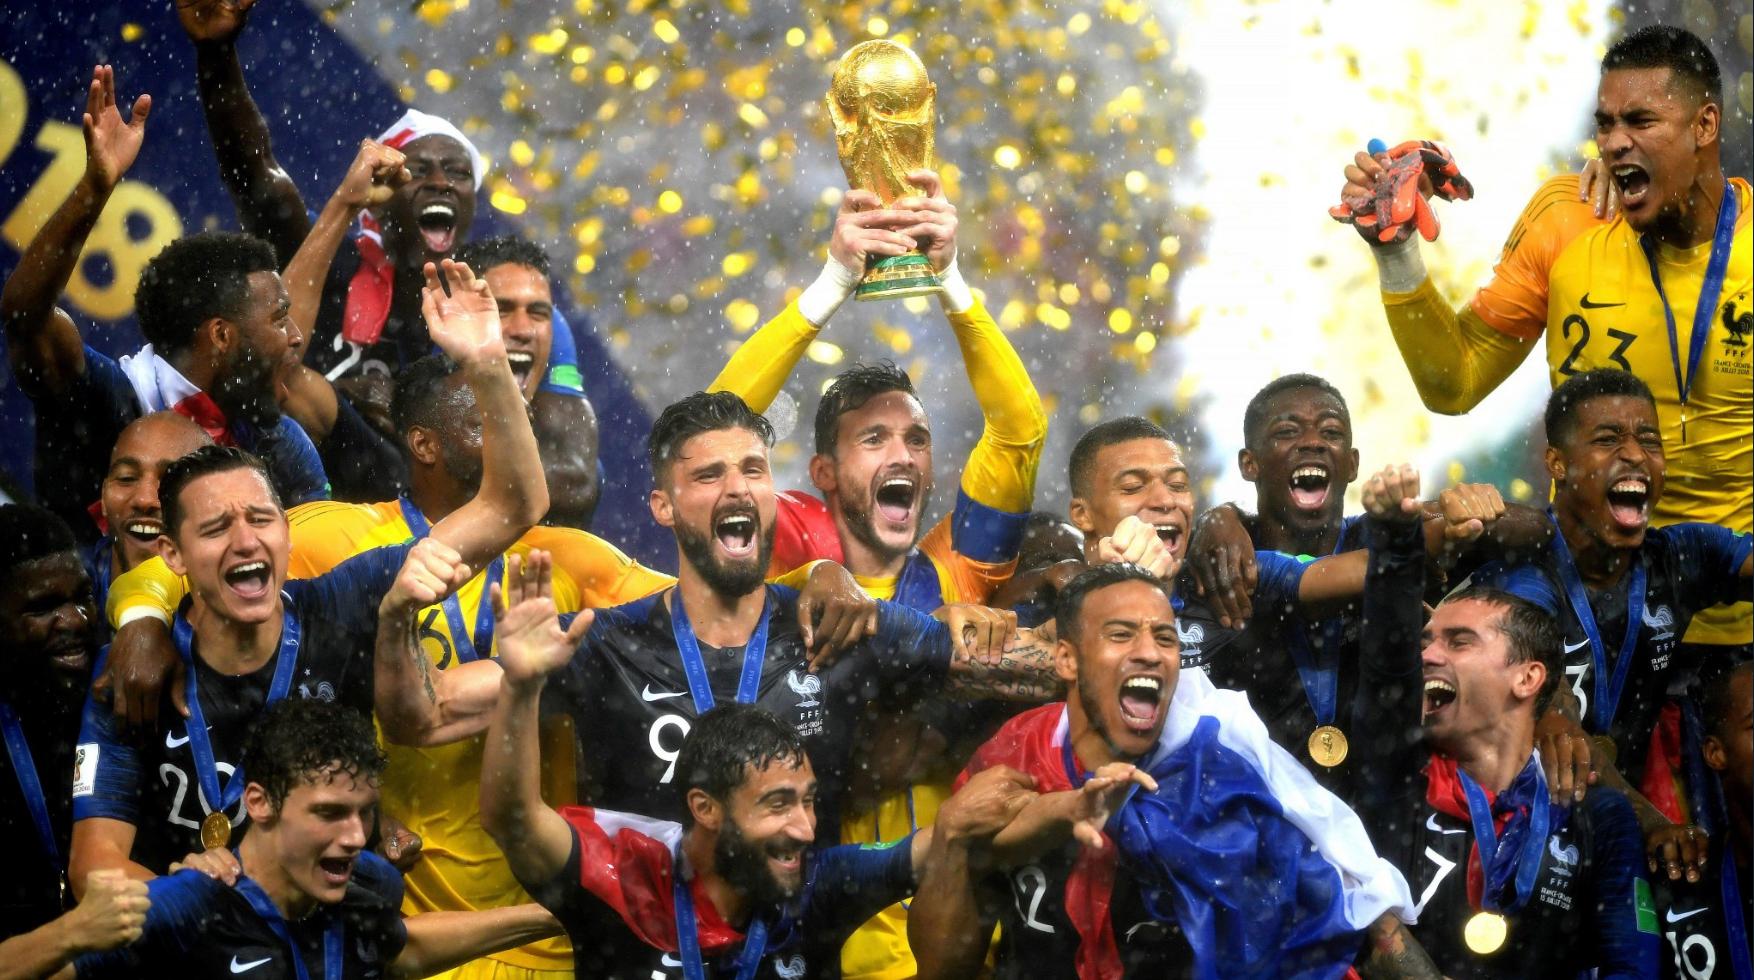 巅峰外星人无人能挡!2002年是属于罗纳尔多的世界杯_全景世界杯